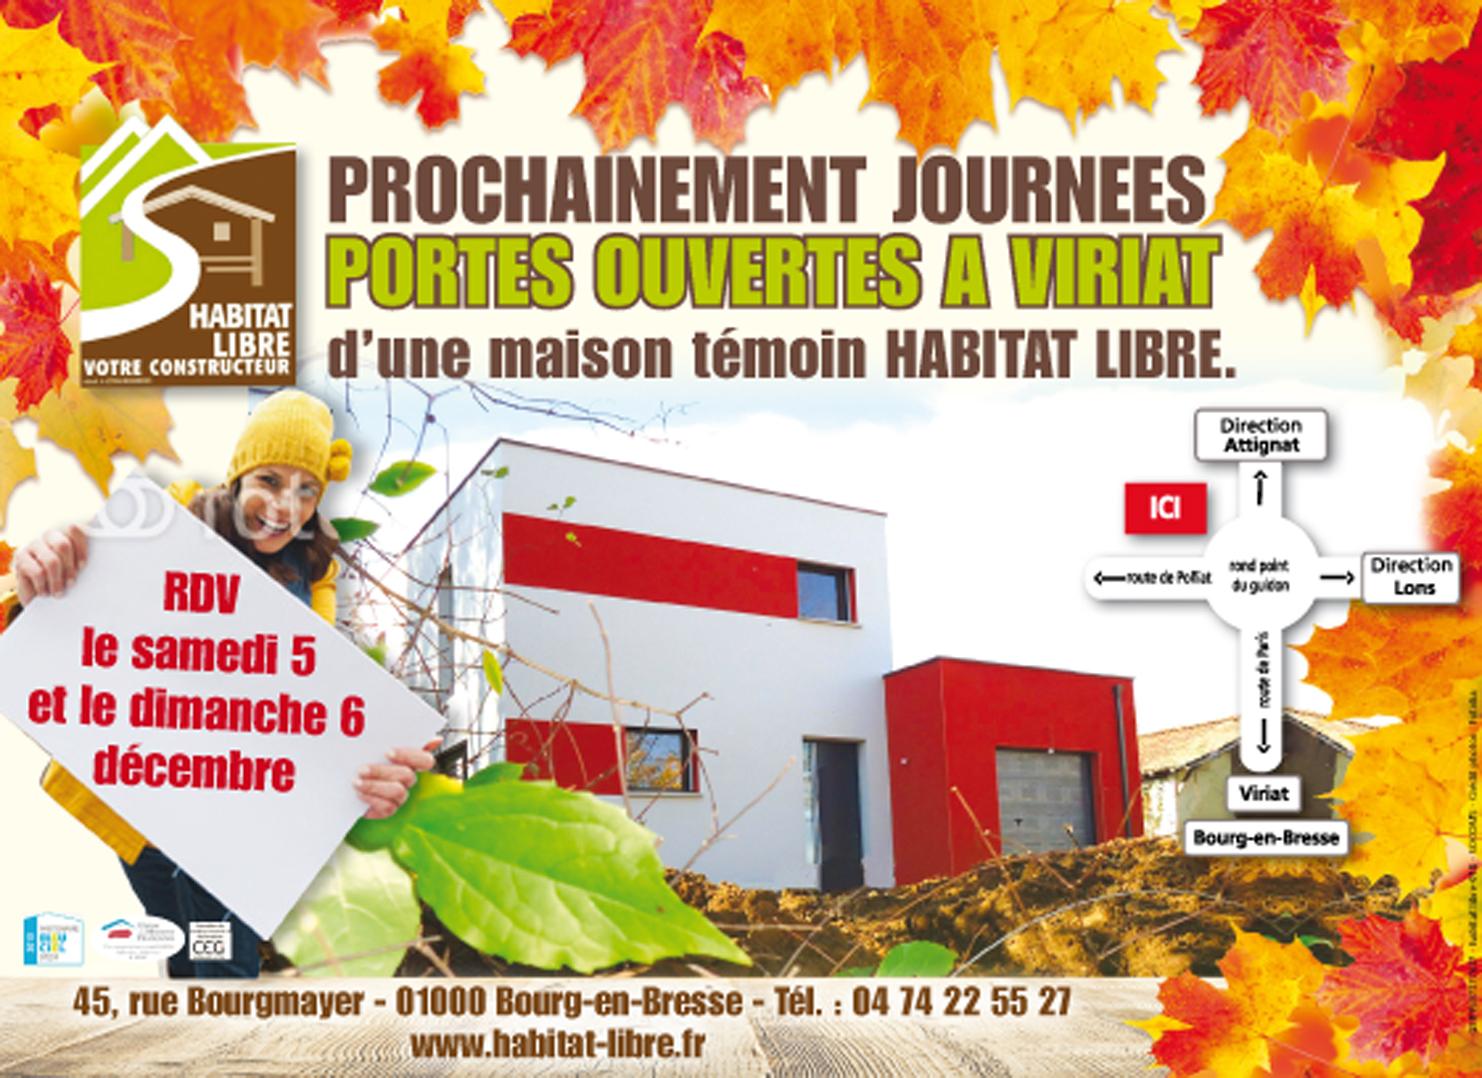 Porte ouverte constructeur maison viriat habitat libre for Porte ouverte constructeur